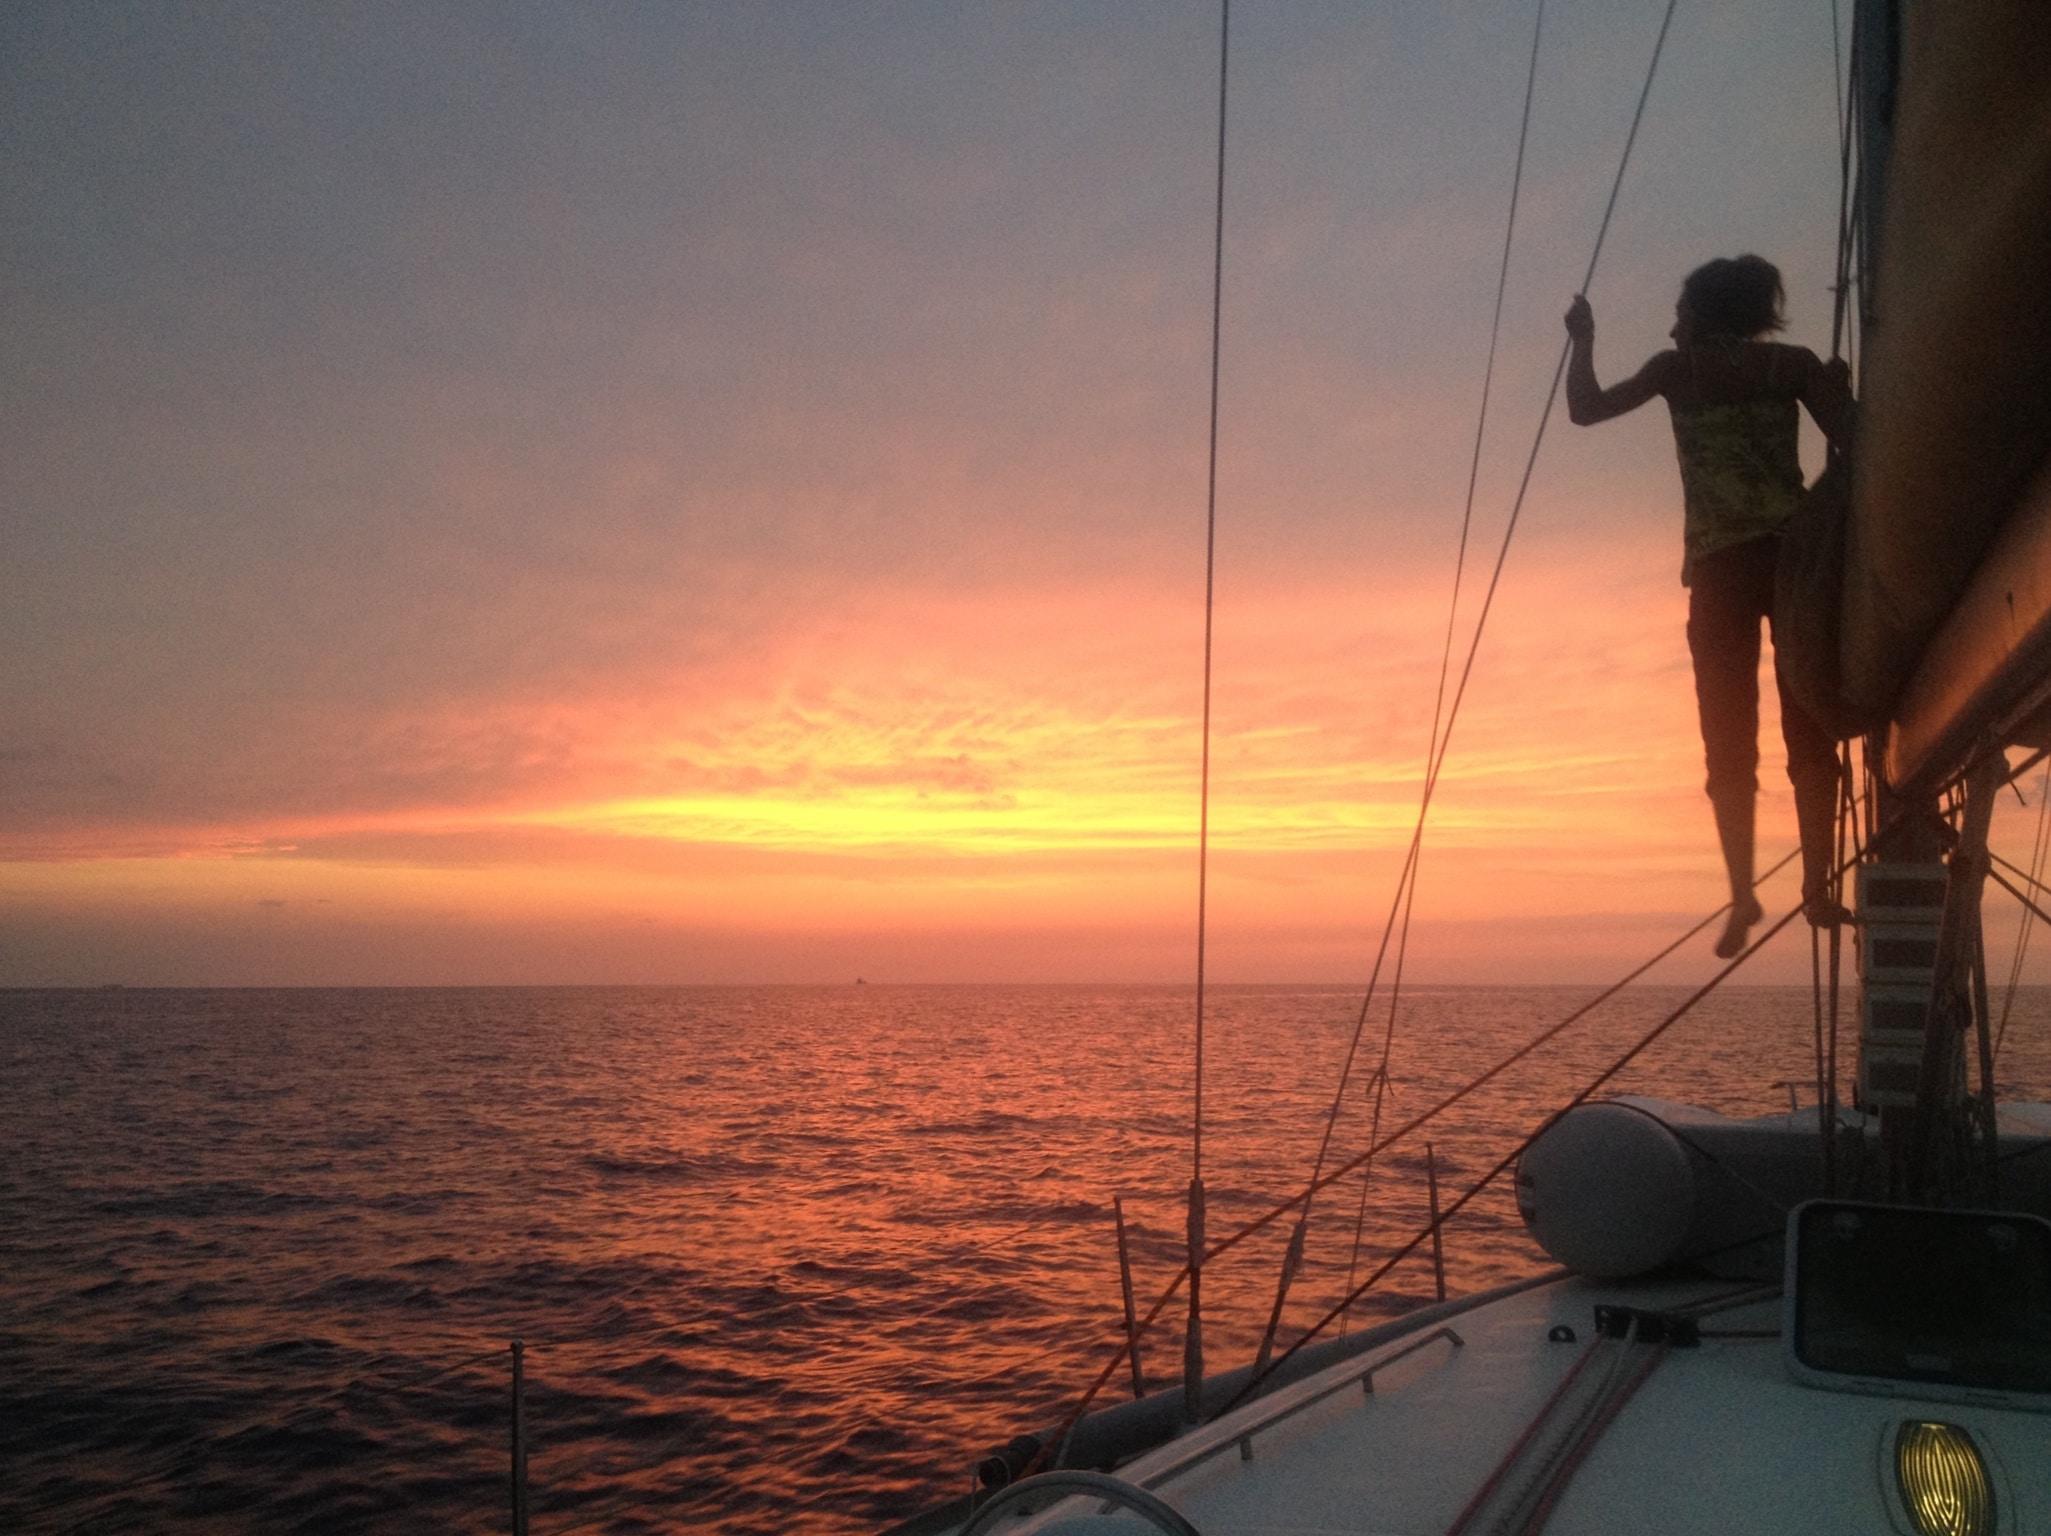 Navigation de nuit en côte d'Azur. Stéphane, notre skipper professionnel, vous emmènera profiter du plaisir de naviguer en voilier de jour ou de nuit, à votre rythme